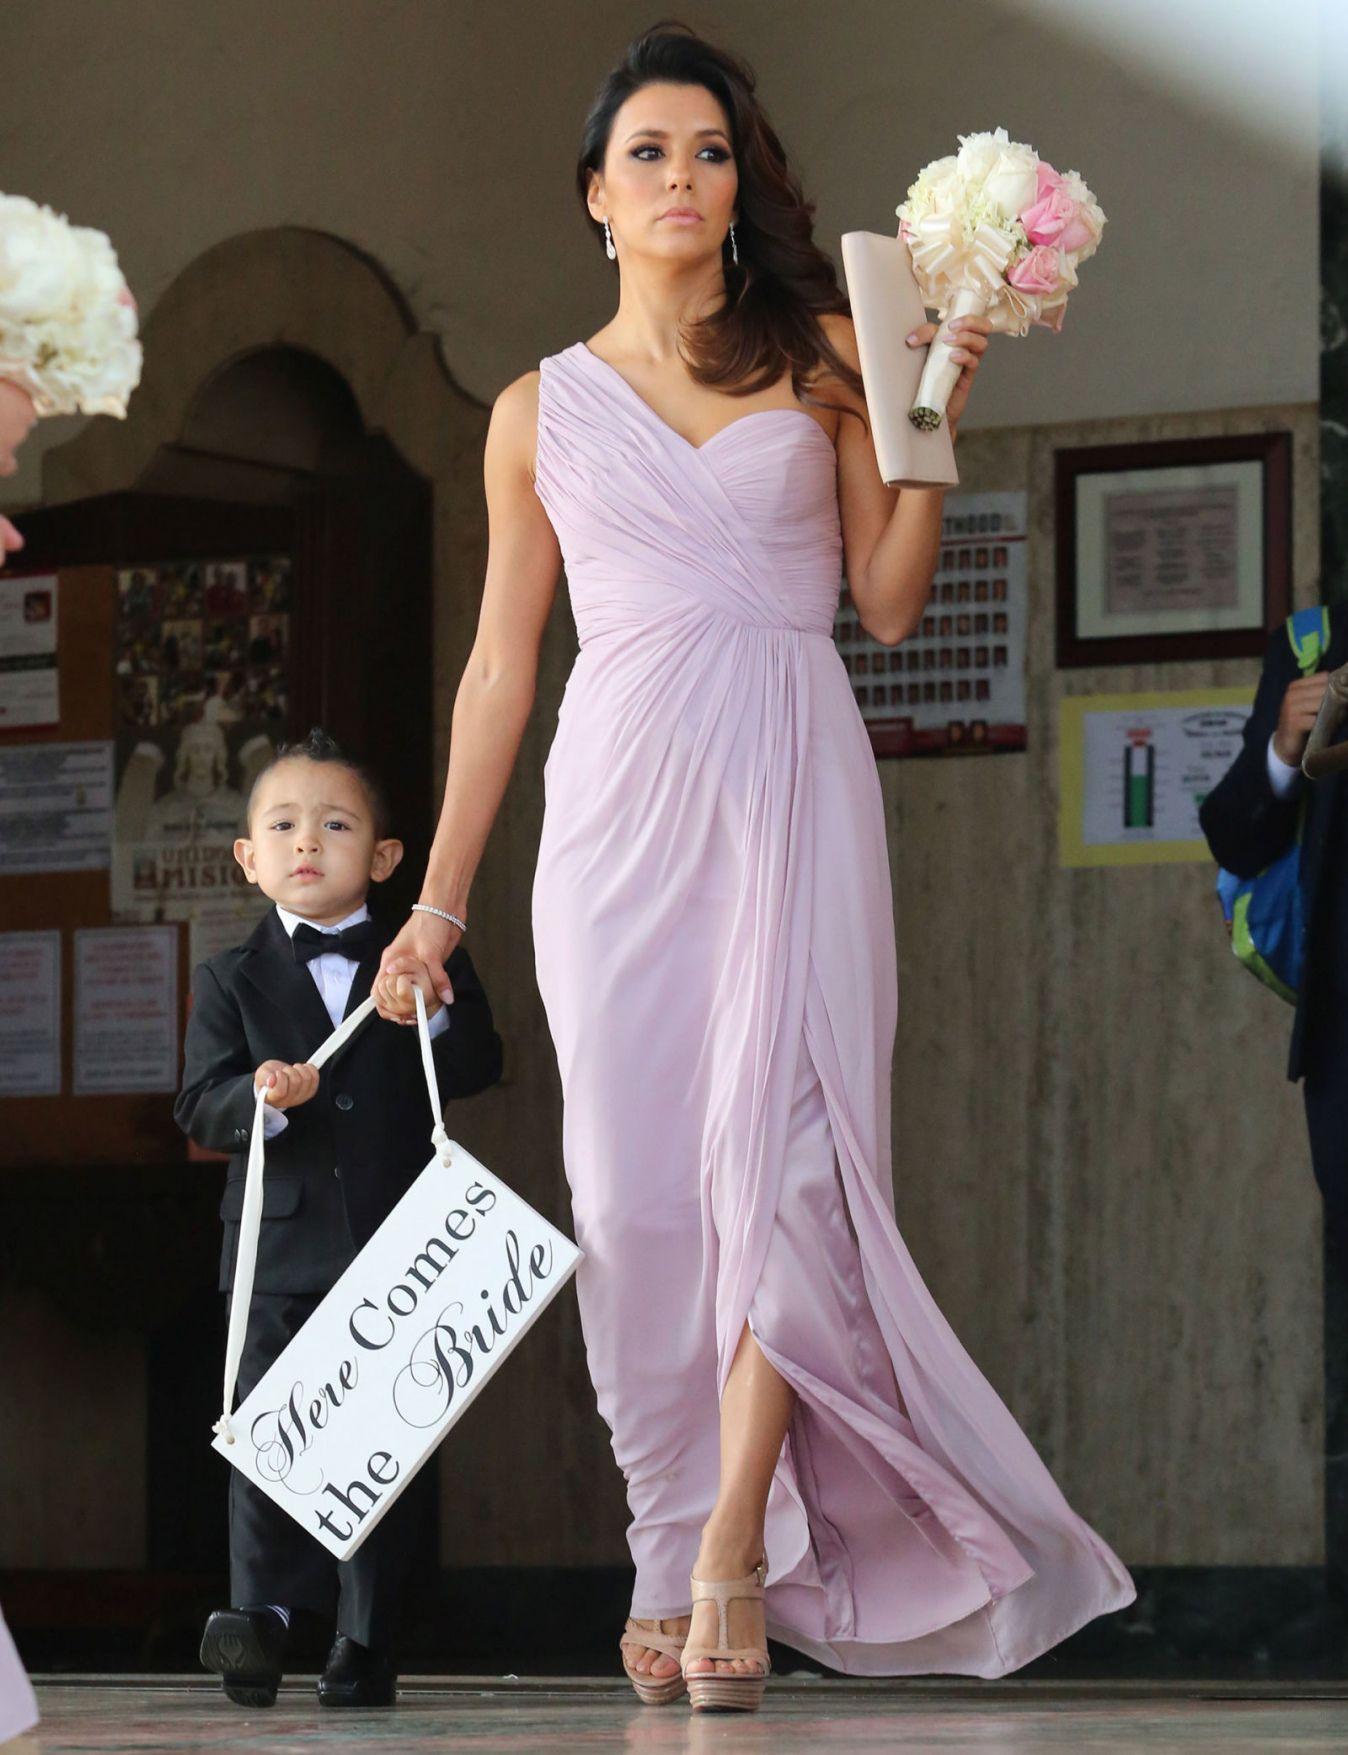 50 10 Best Celebrity Wedding Guest Dresses Cold Shoulder Dresses For Wedding Check More At Http Svesty Com 10 Best Celebrity Wedding Guest Dresses